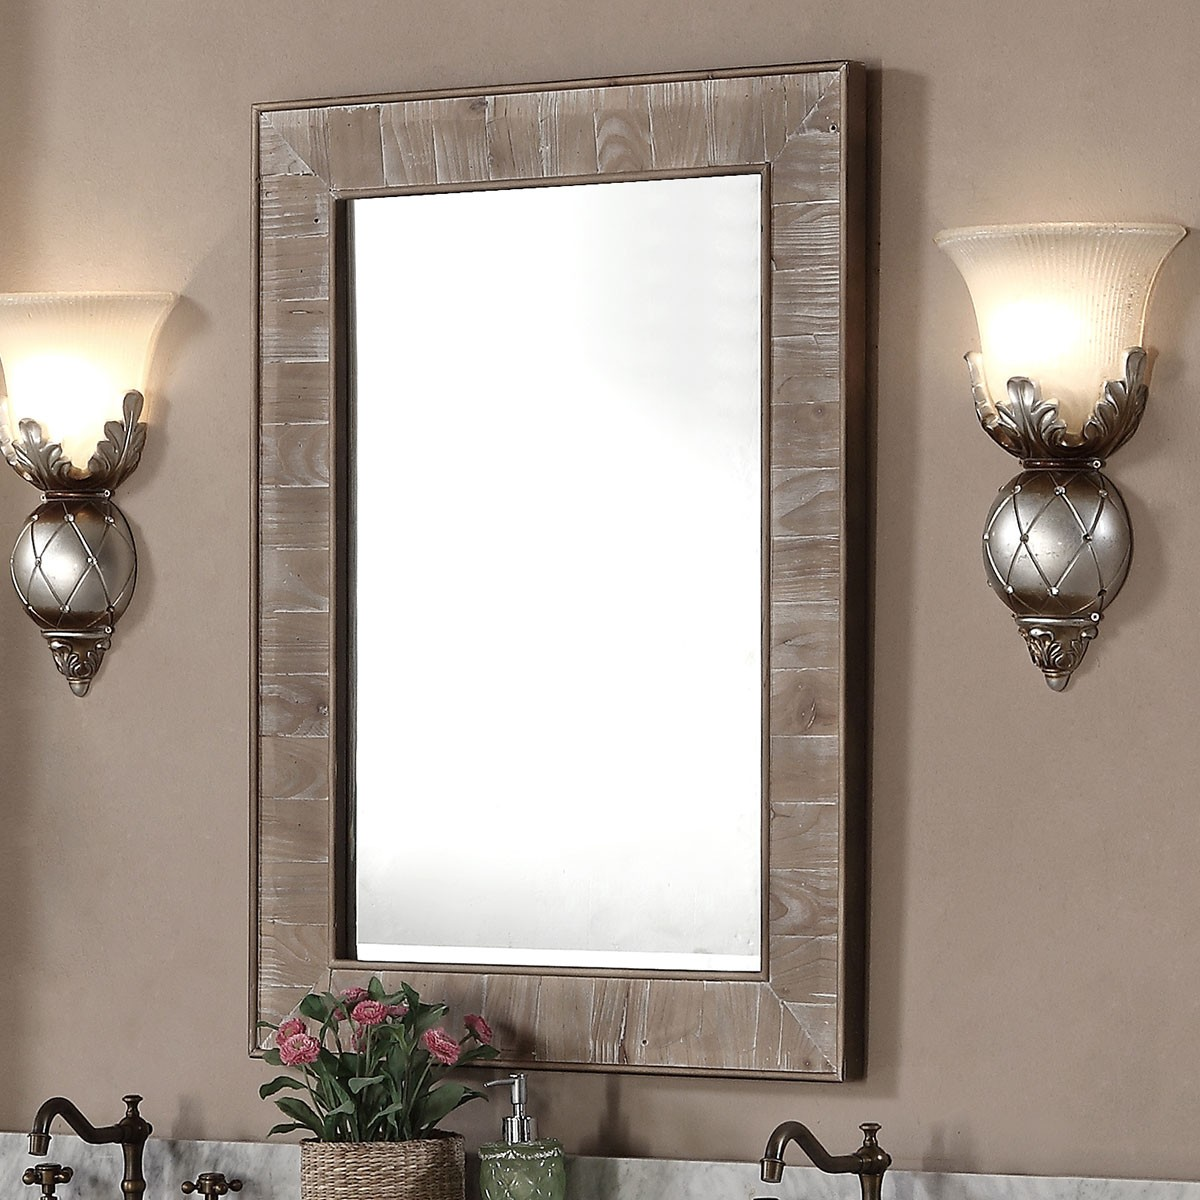 26 x 36 po miroir pour vanit avec cadre en bois de sapin